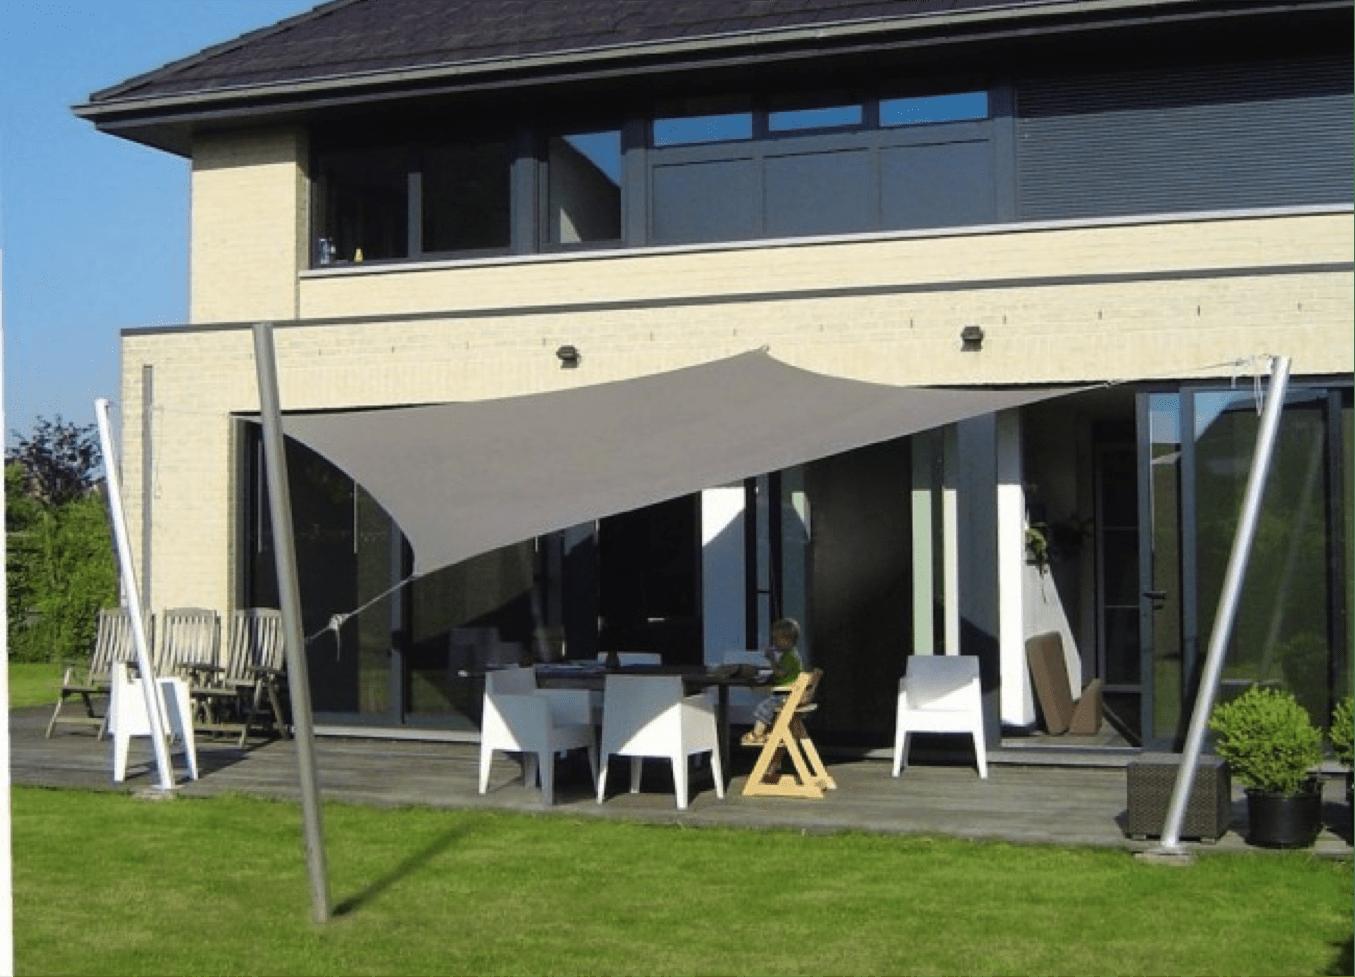 Bezaubernd Sonnenschutz Dachterrasse Das Beste Von Mit Stil: Welche Alternativen Gibt Es Zum